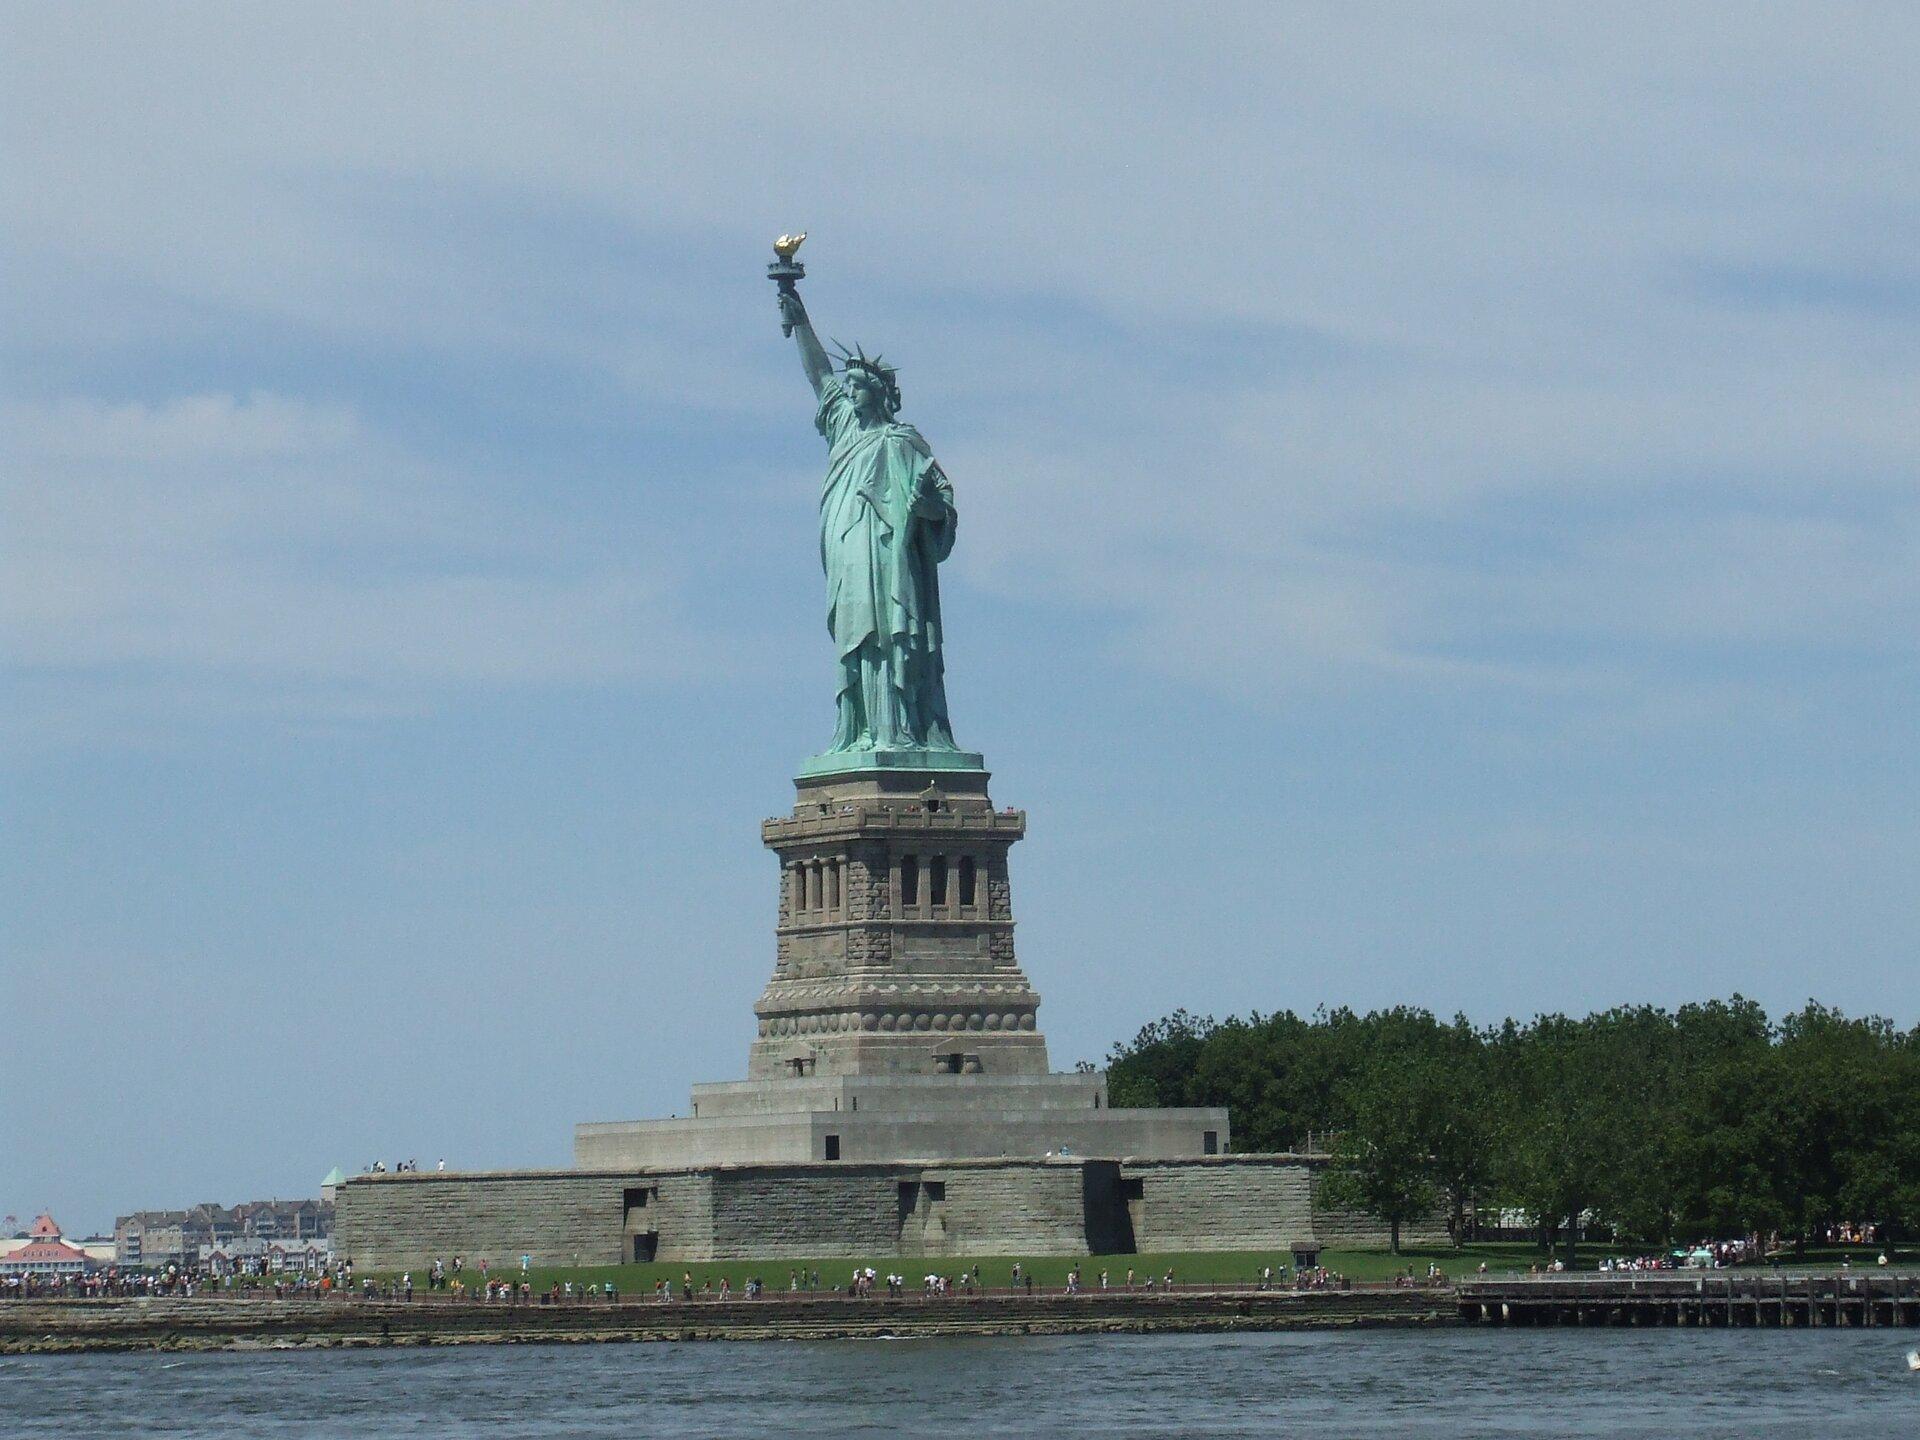 Na zdjęciu pomnik postaci kobiecej zuniesioną ręką trzymająca pochodnię. Stoi na wysokim kamiennym postumencie. Dookoła ludzie. Na pierwszym planie woda.